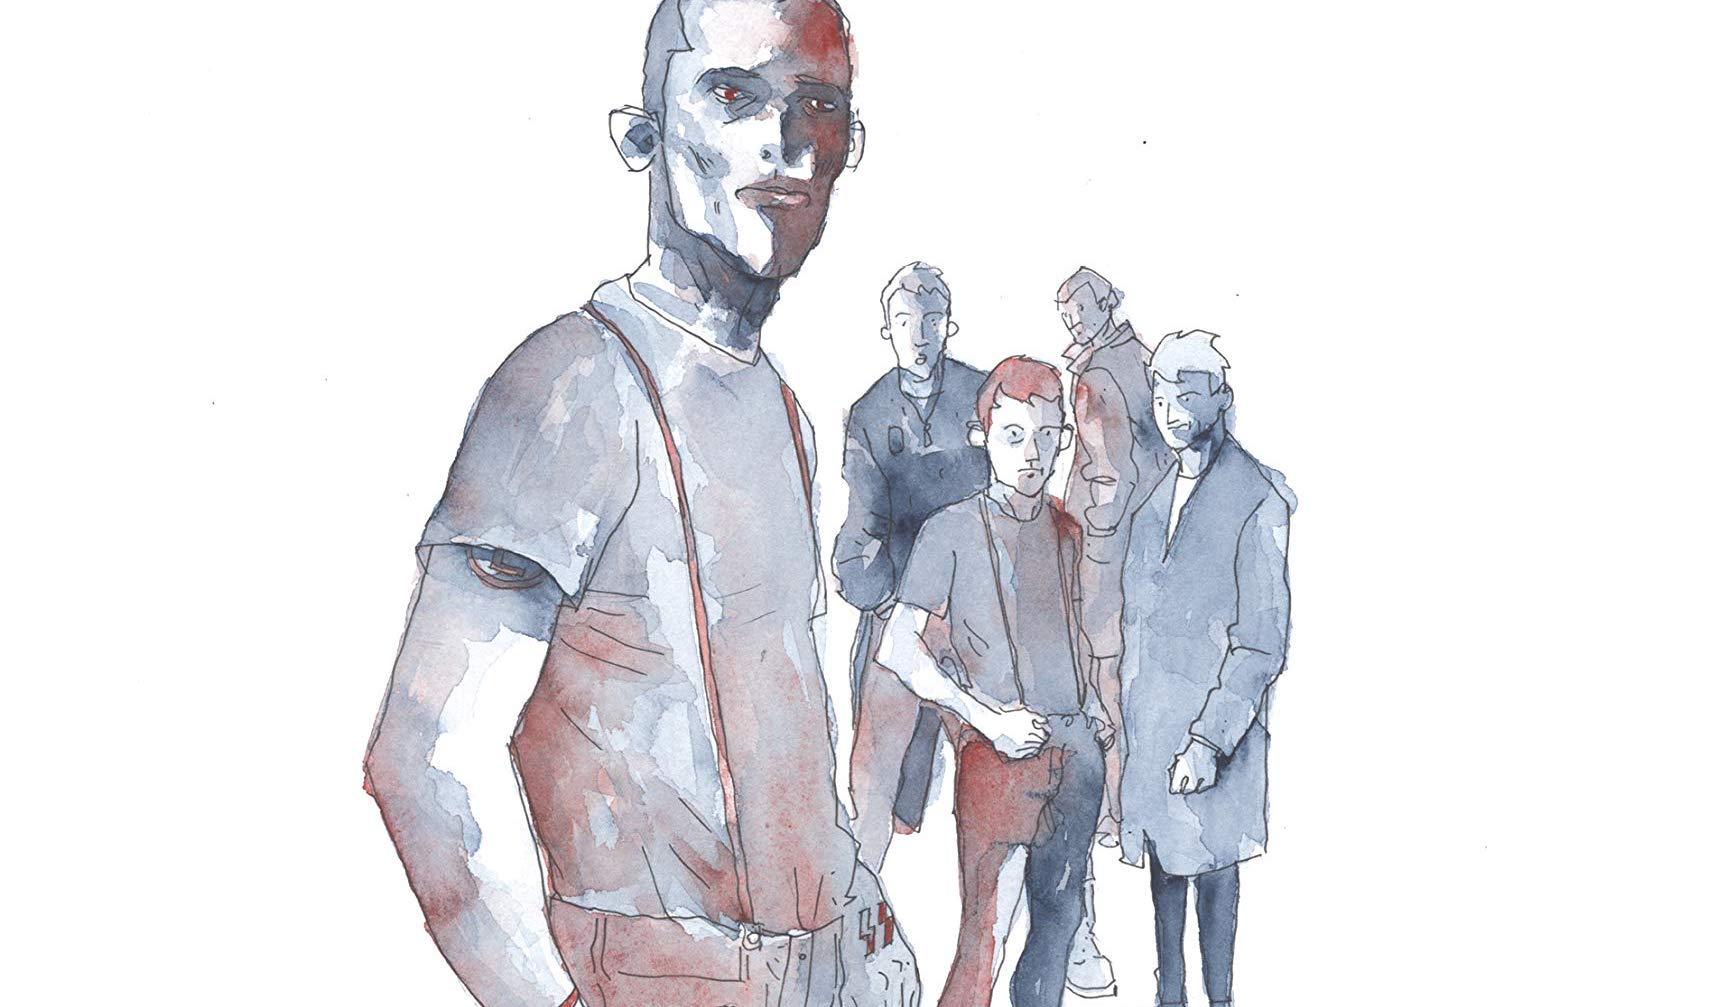 Nuvole nere, il graphic novel di Ruju, Cavaletto e Piccioni thumbnail